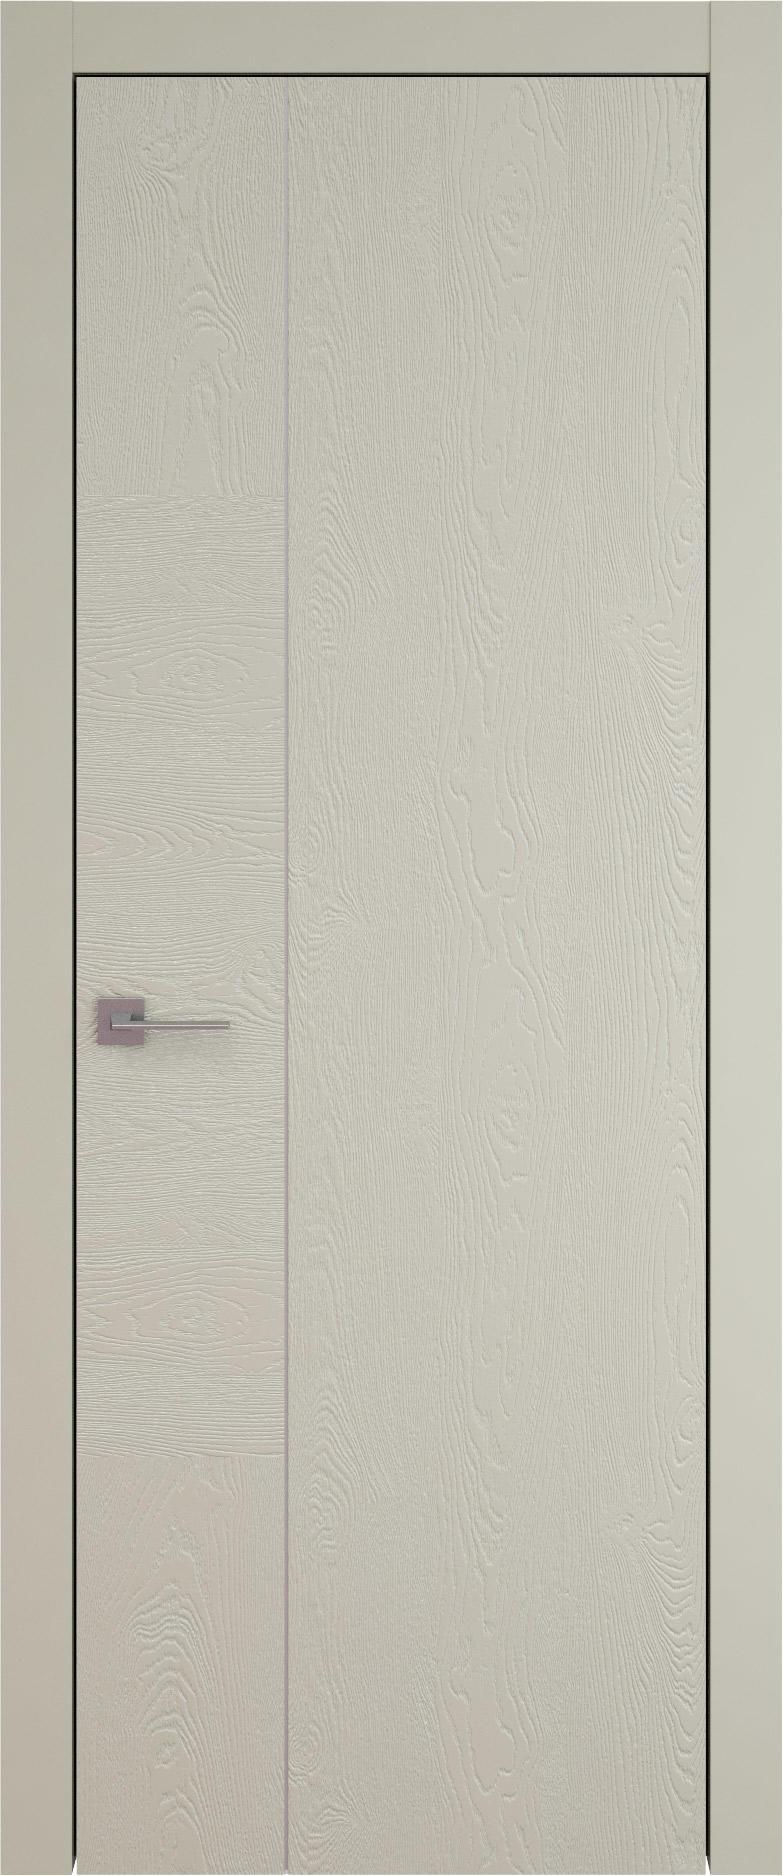 Tivoli В-1 цвет - Серо-оливковая эмаль по шпону (RAL 7032) Без стекла (ДГ)